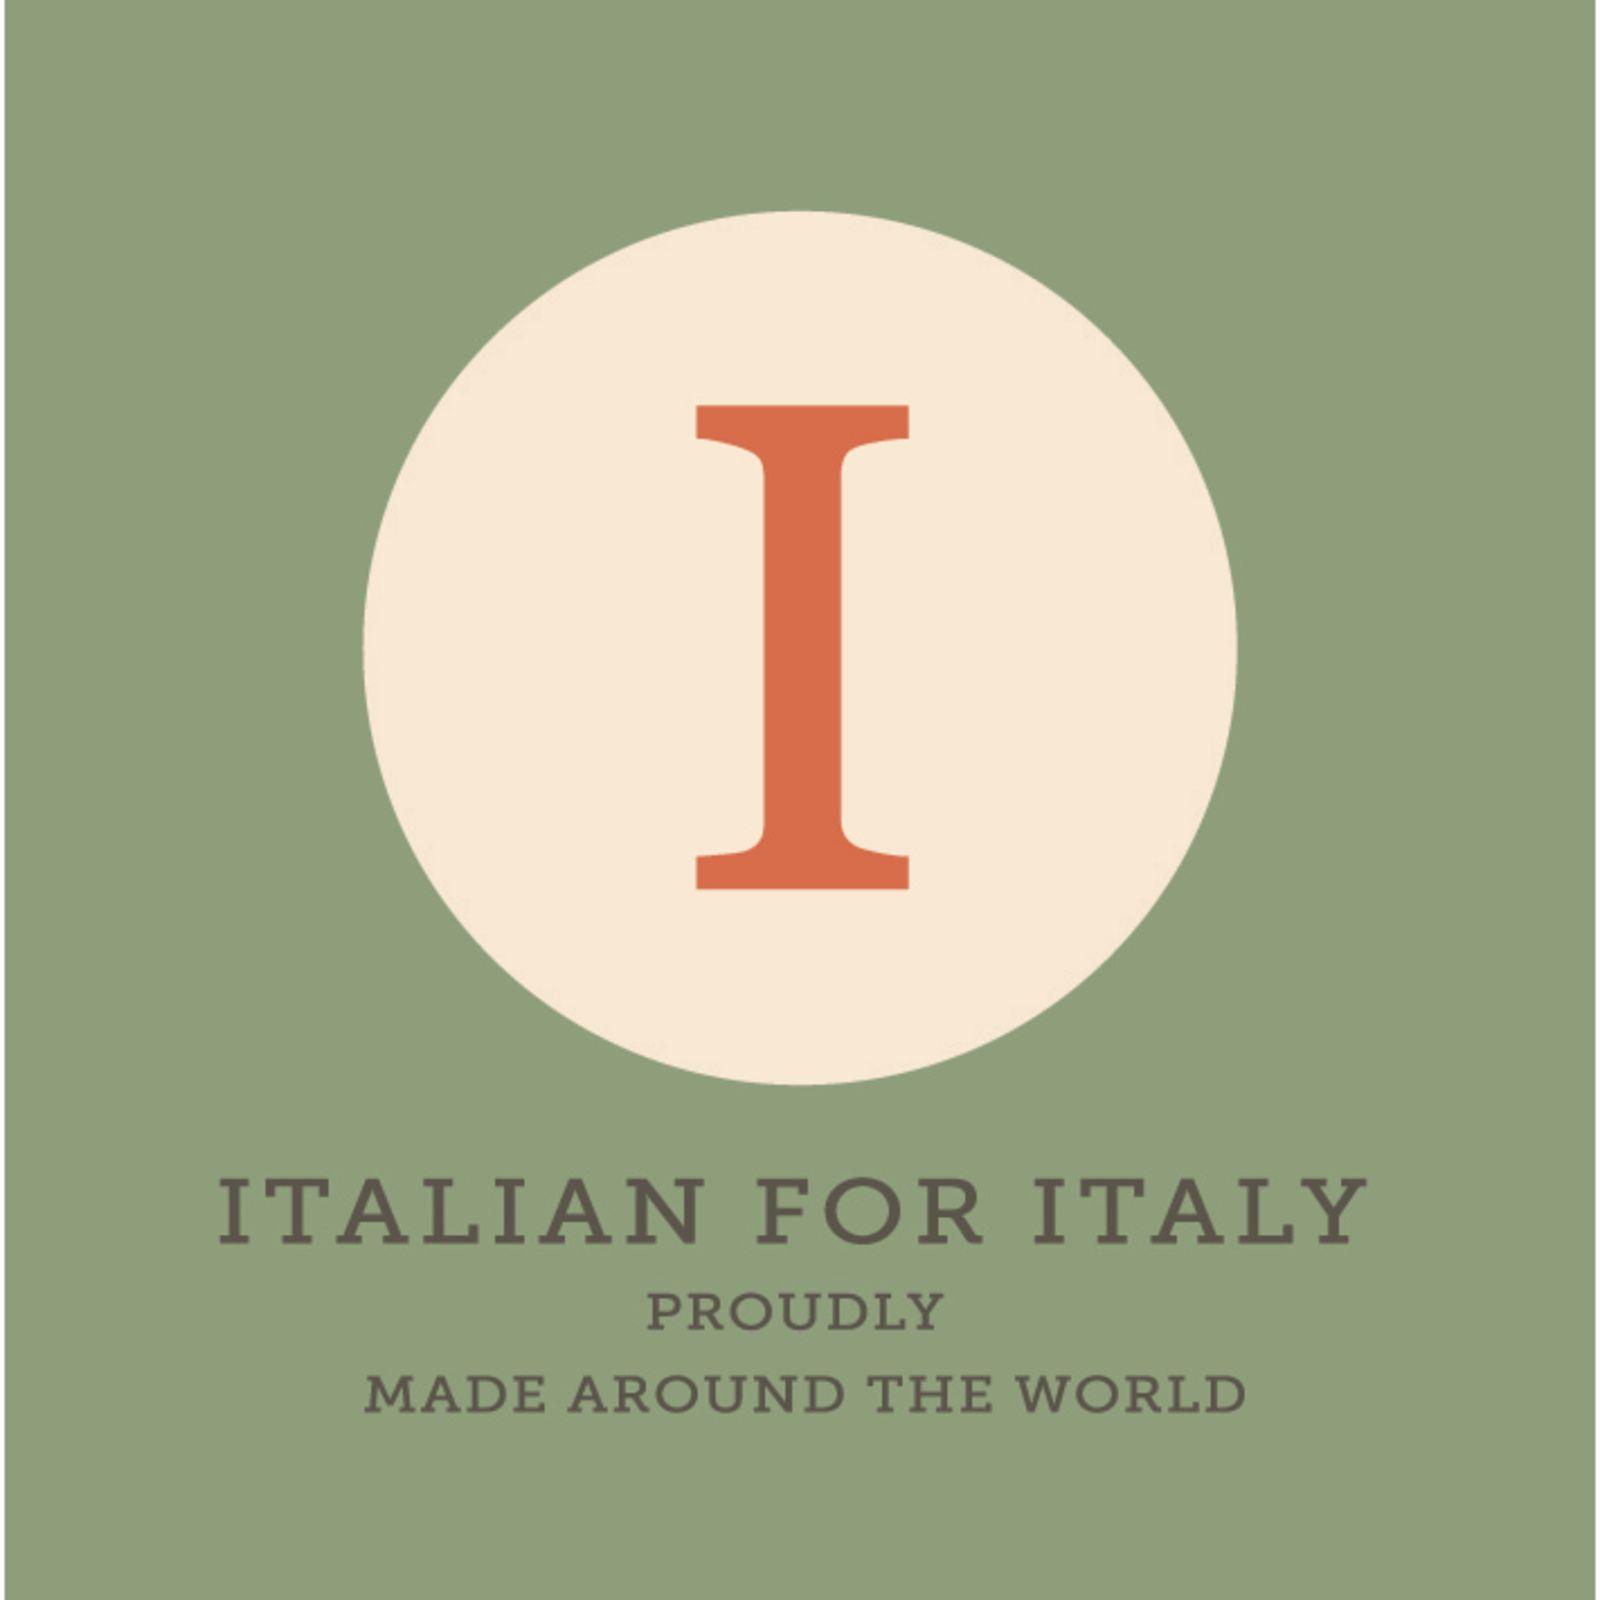 Italian For Italy